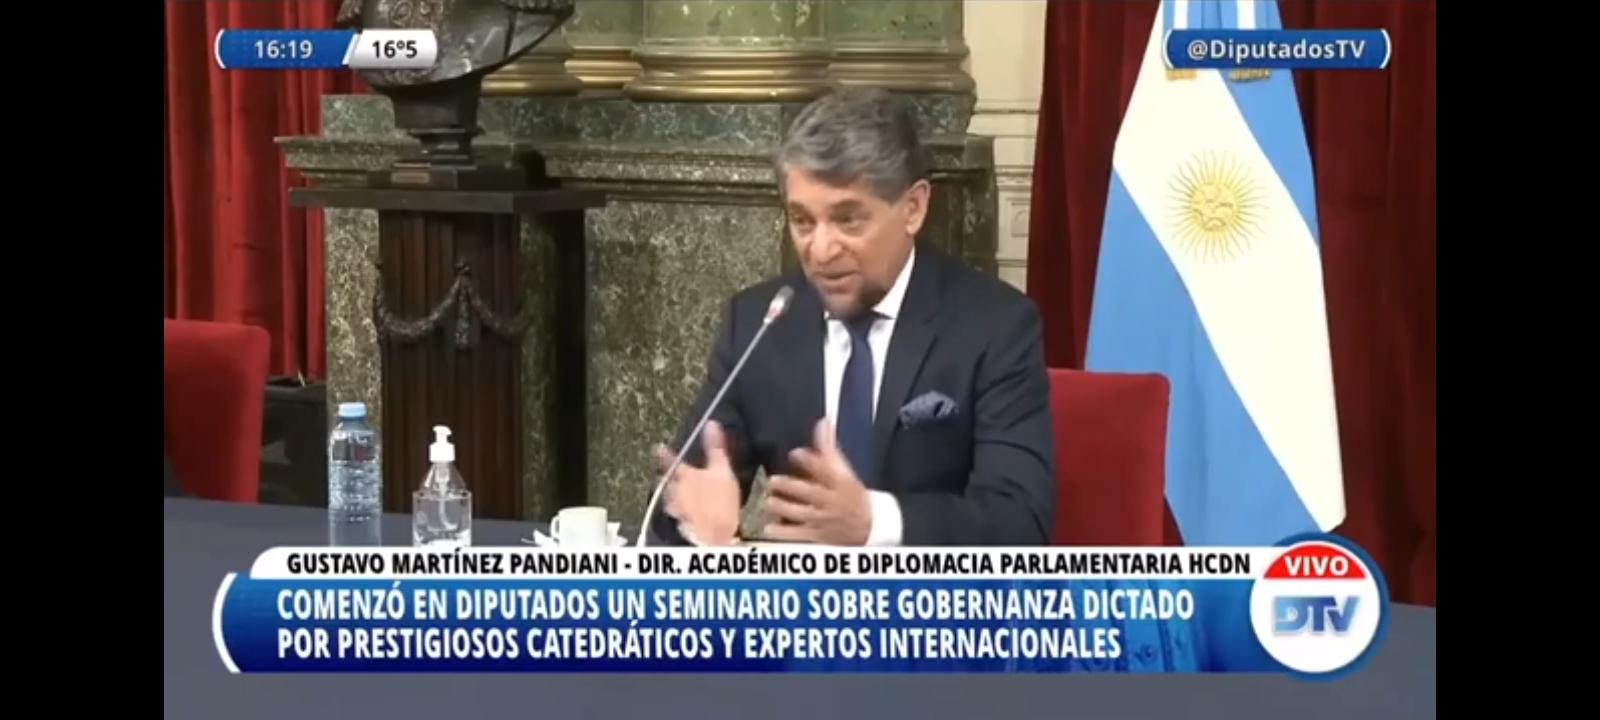 Diputados impulsa su primer seminario internacional de gobernabilidad y democracia